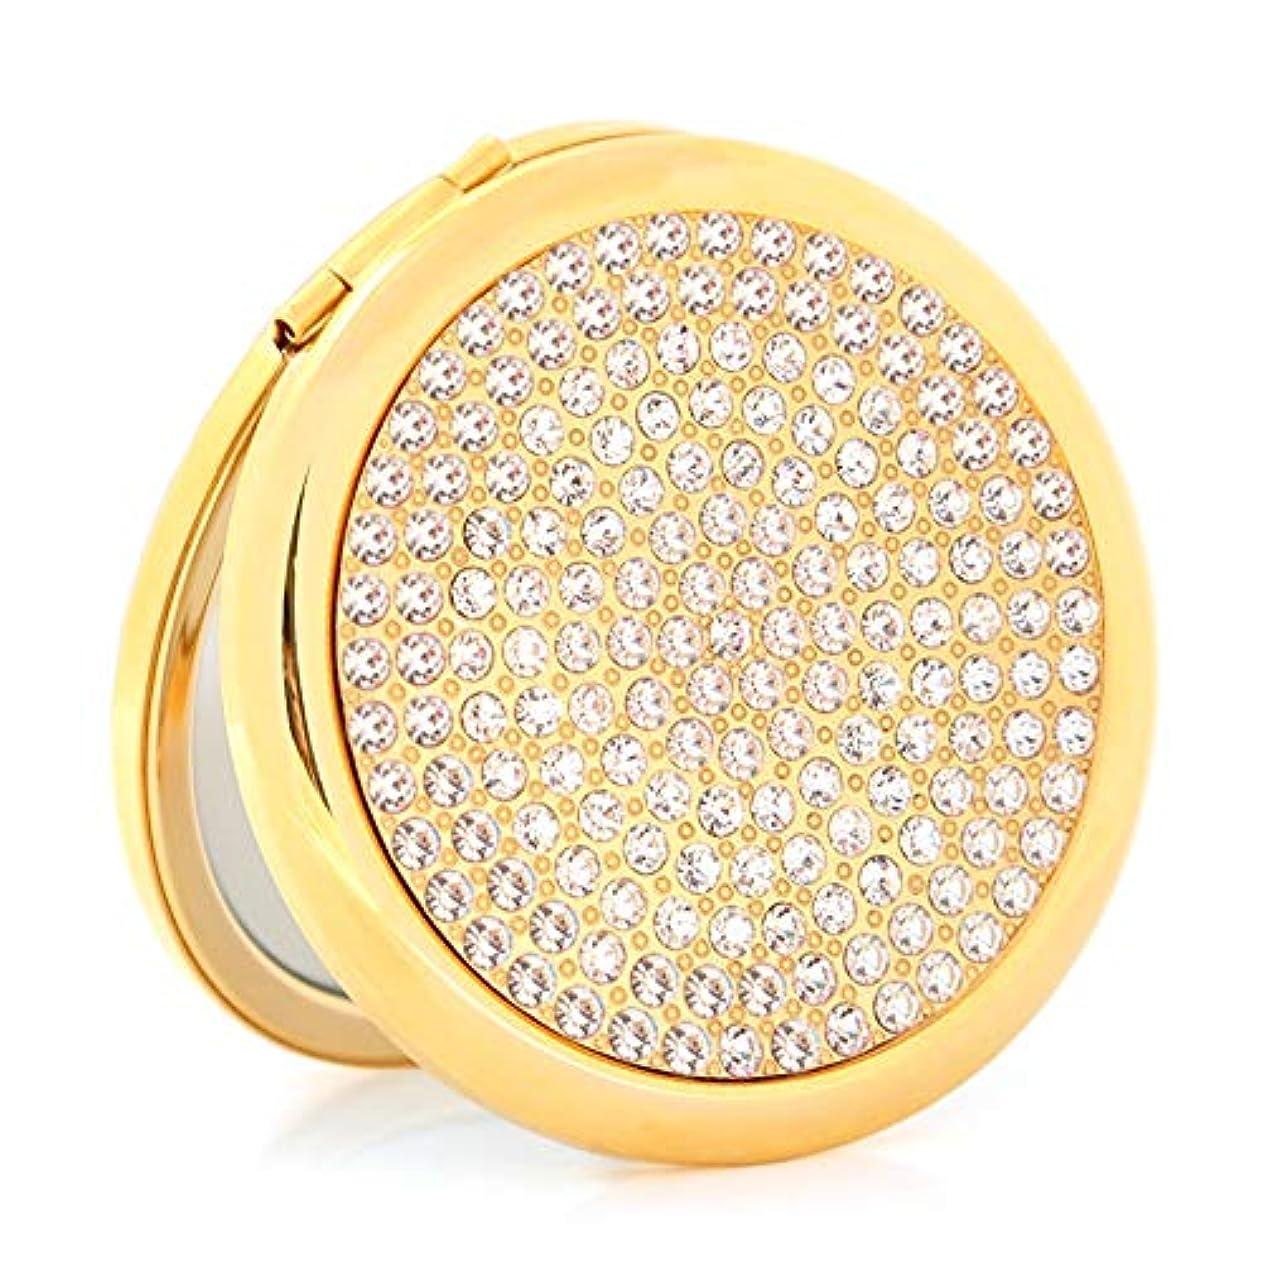 流行の フルドリル折りたたみ化粧鏡両面ポータブルポータブルドレッシングレトロ鏡バレンタインの日ギフト小さな鏡 (色 : Gold)